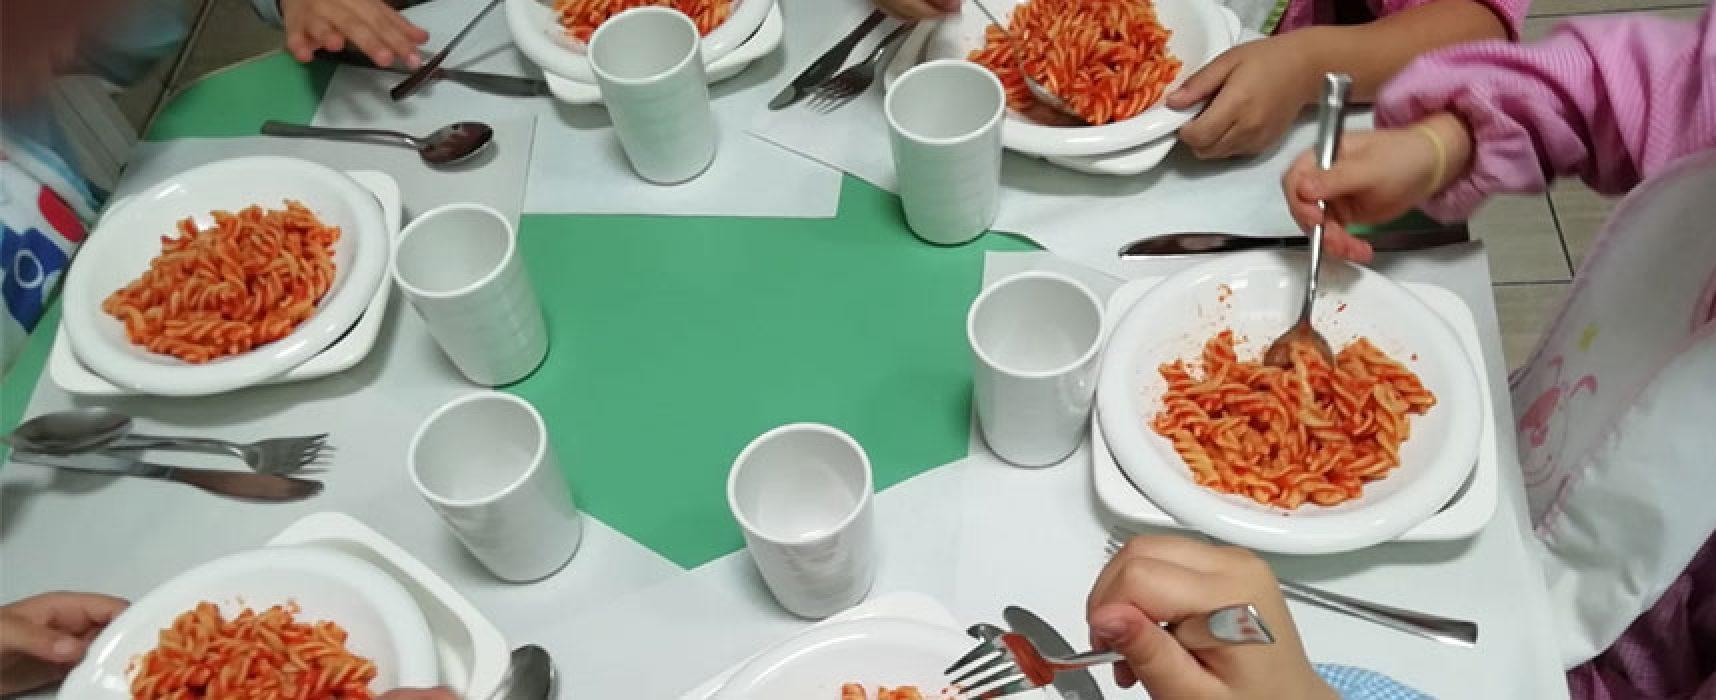 Abbattere l'uso di plastica nelle mense scolastiche, parte la sperimentazione a Bisceglie